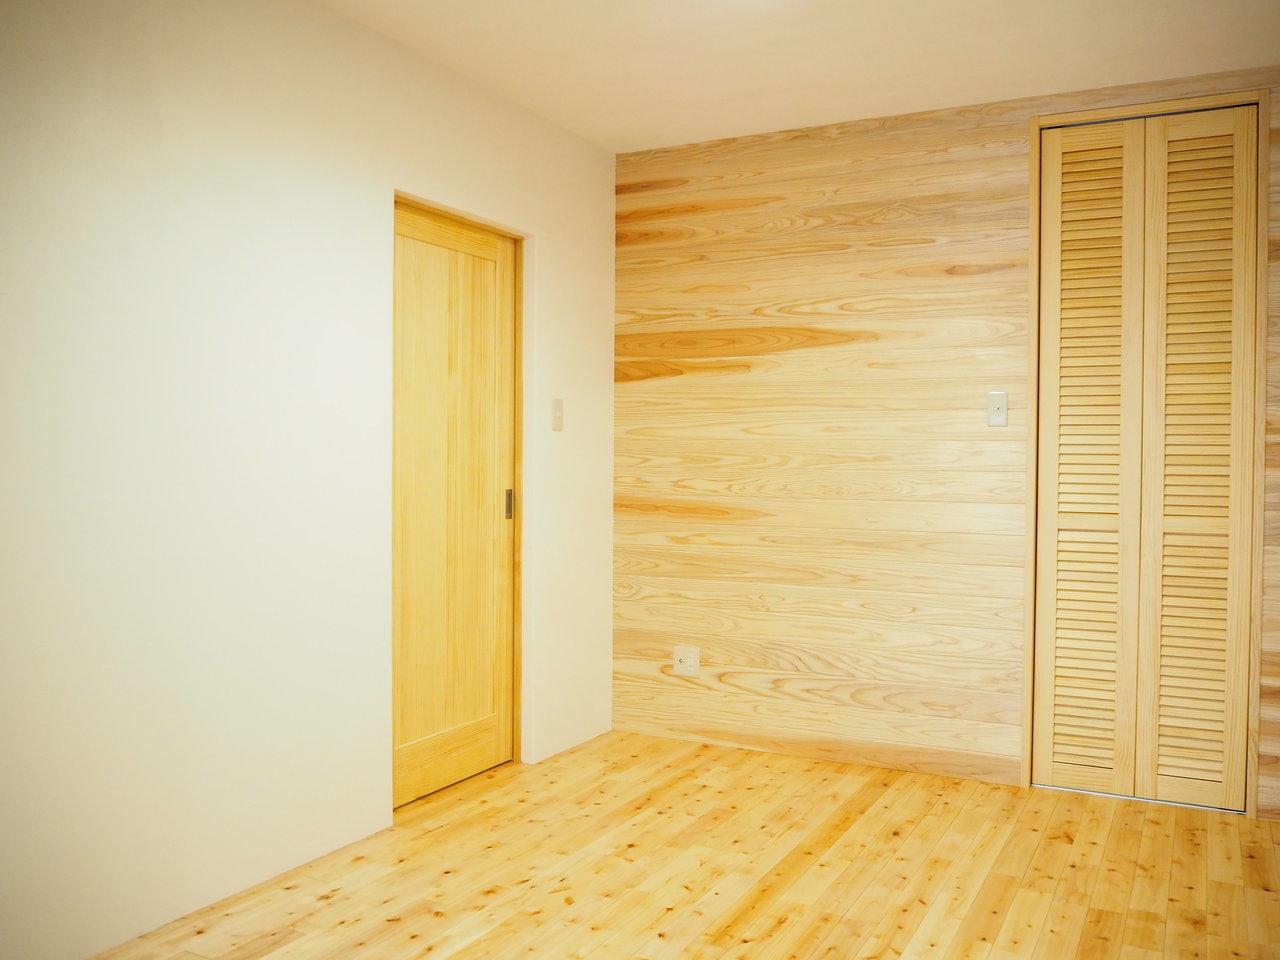 5.3畳の洋室は寝室にしましょうか。ウォークインクローゼットもあるので、便利そう。それにしてもどこを切り取っても「木」を感じられますね。心地よく過ごすことができそうです。